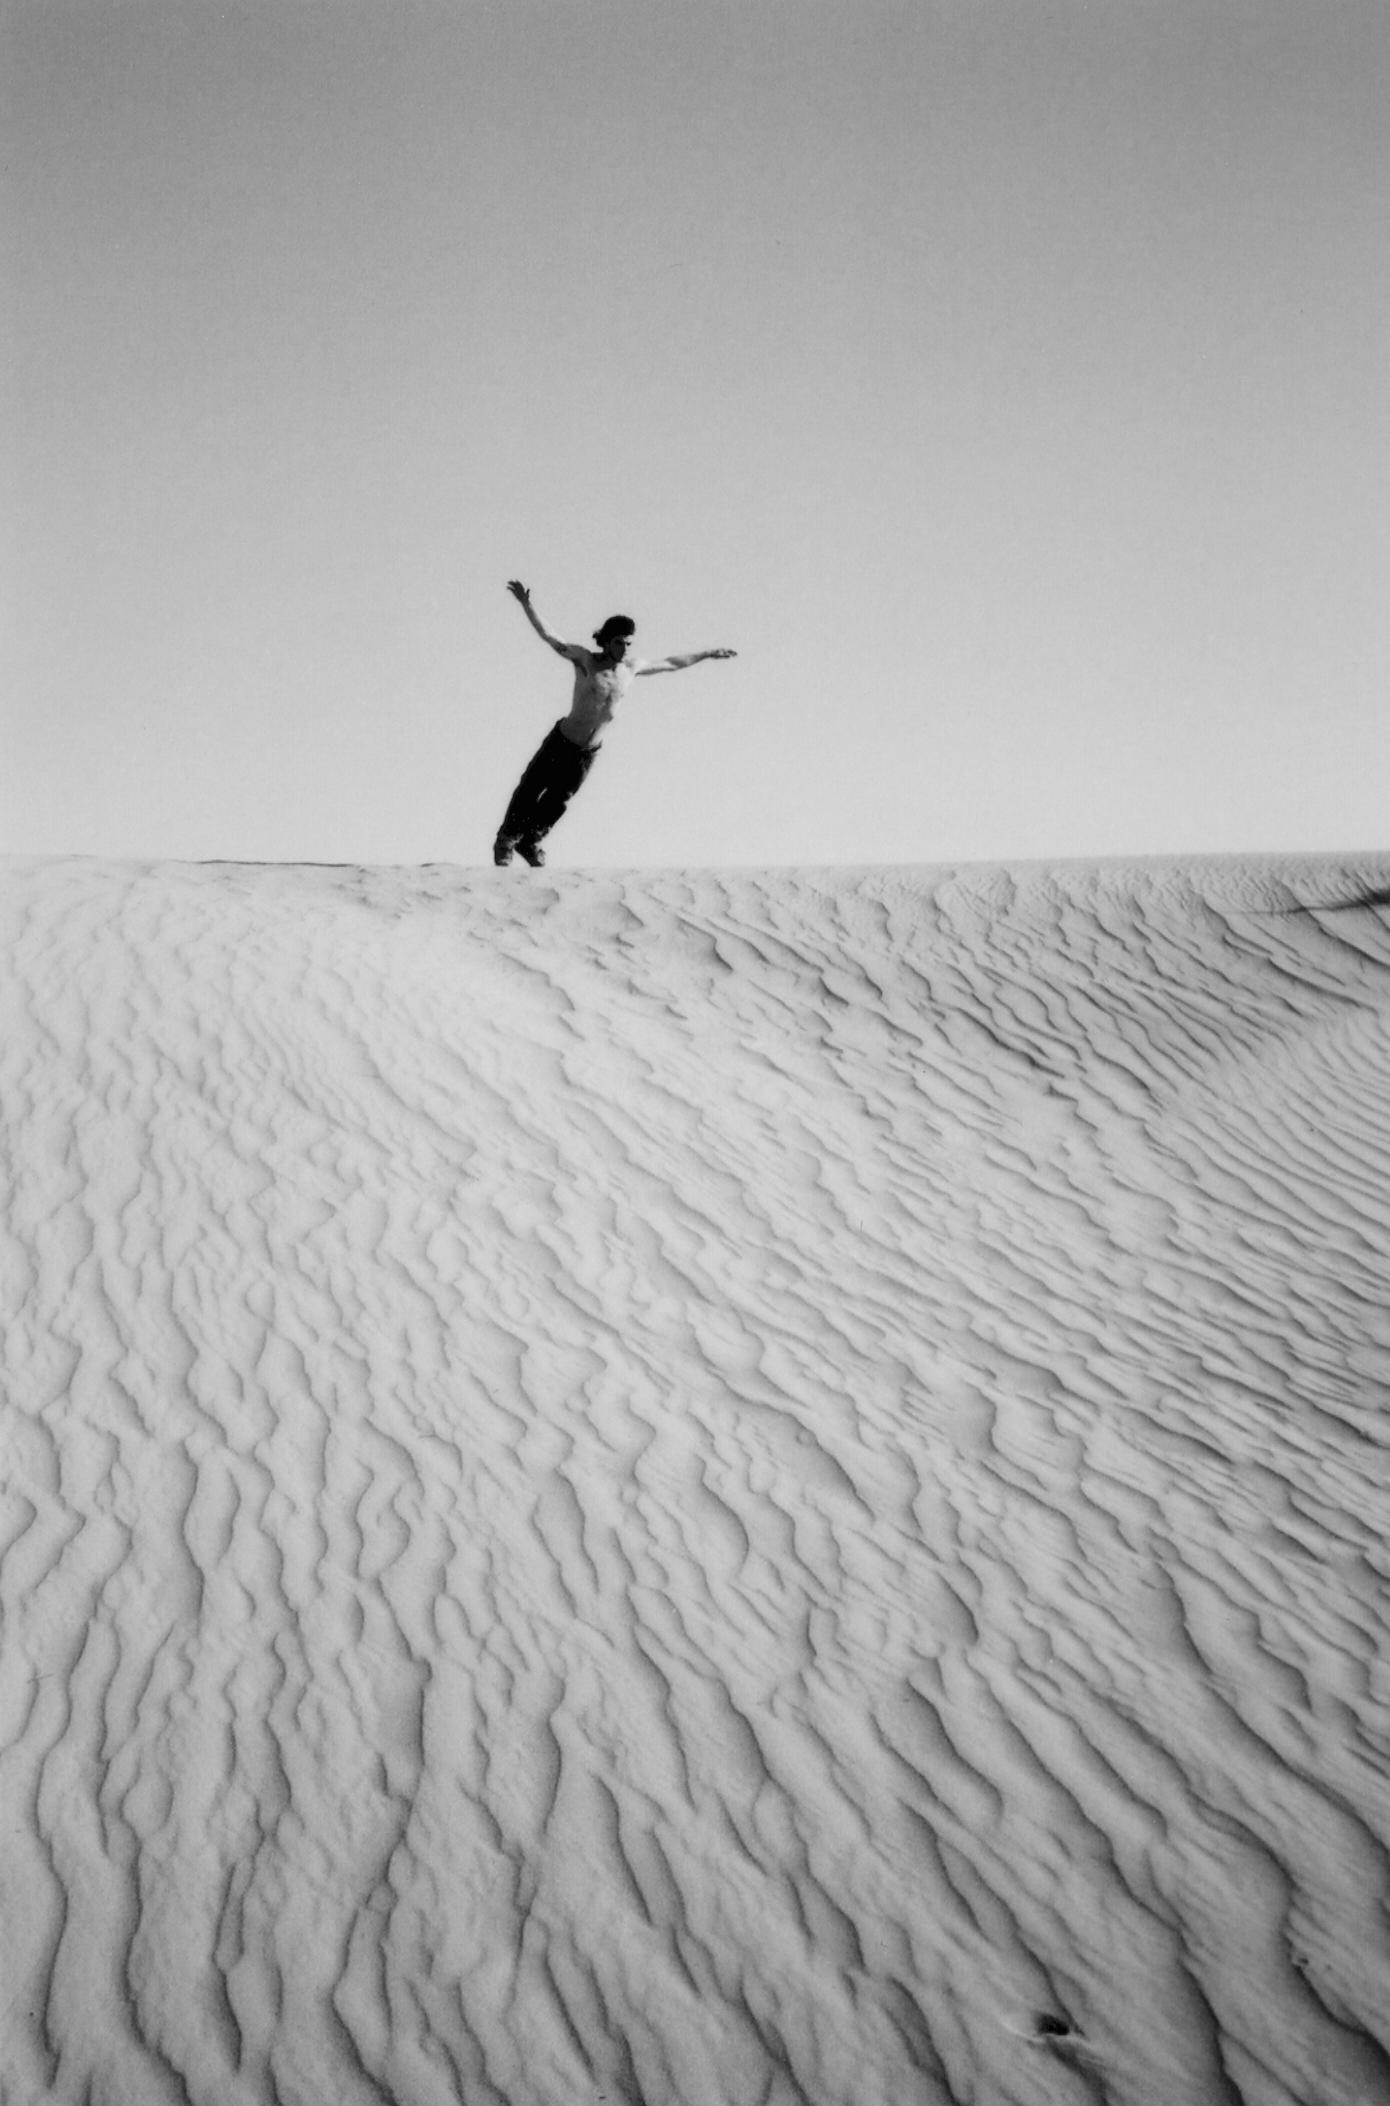 Mark Appleyard, Dubia, 2005